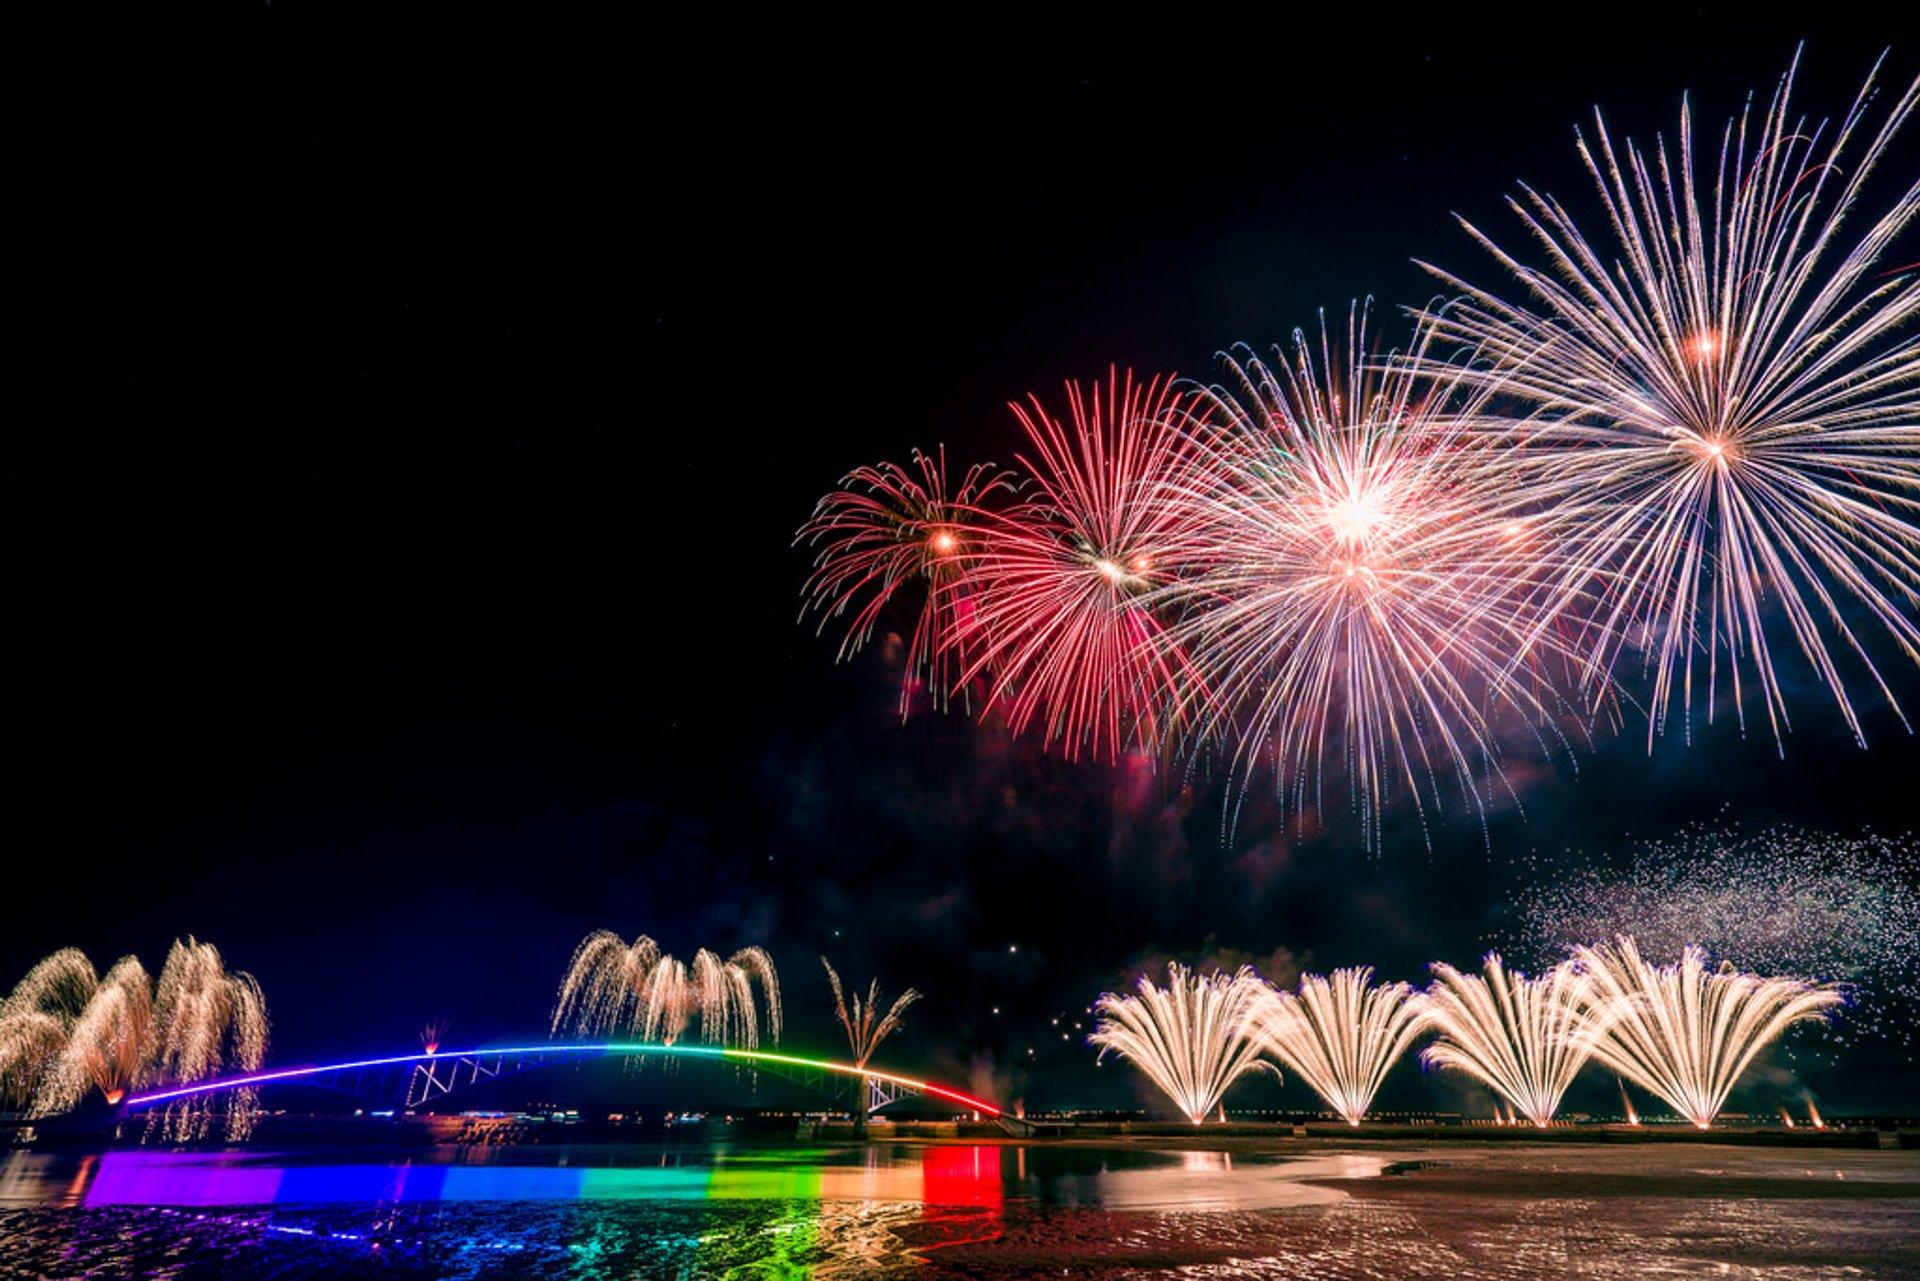 Penghu Fireworks Festival in Taiwan - Best Season 2020